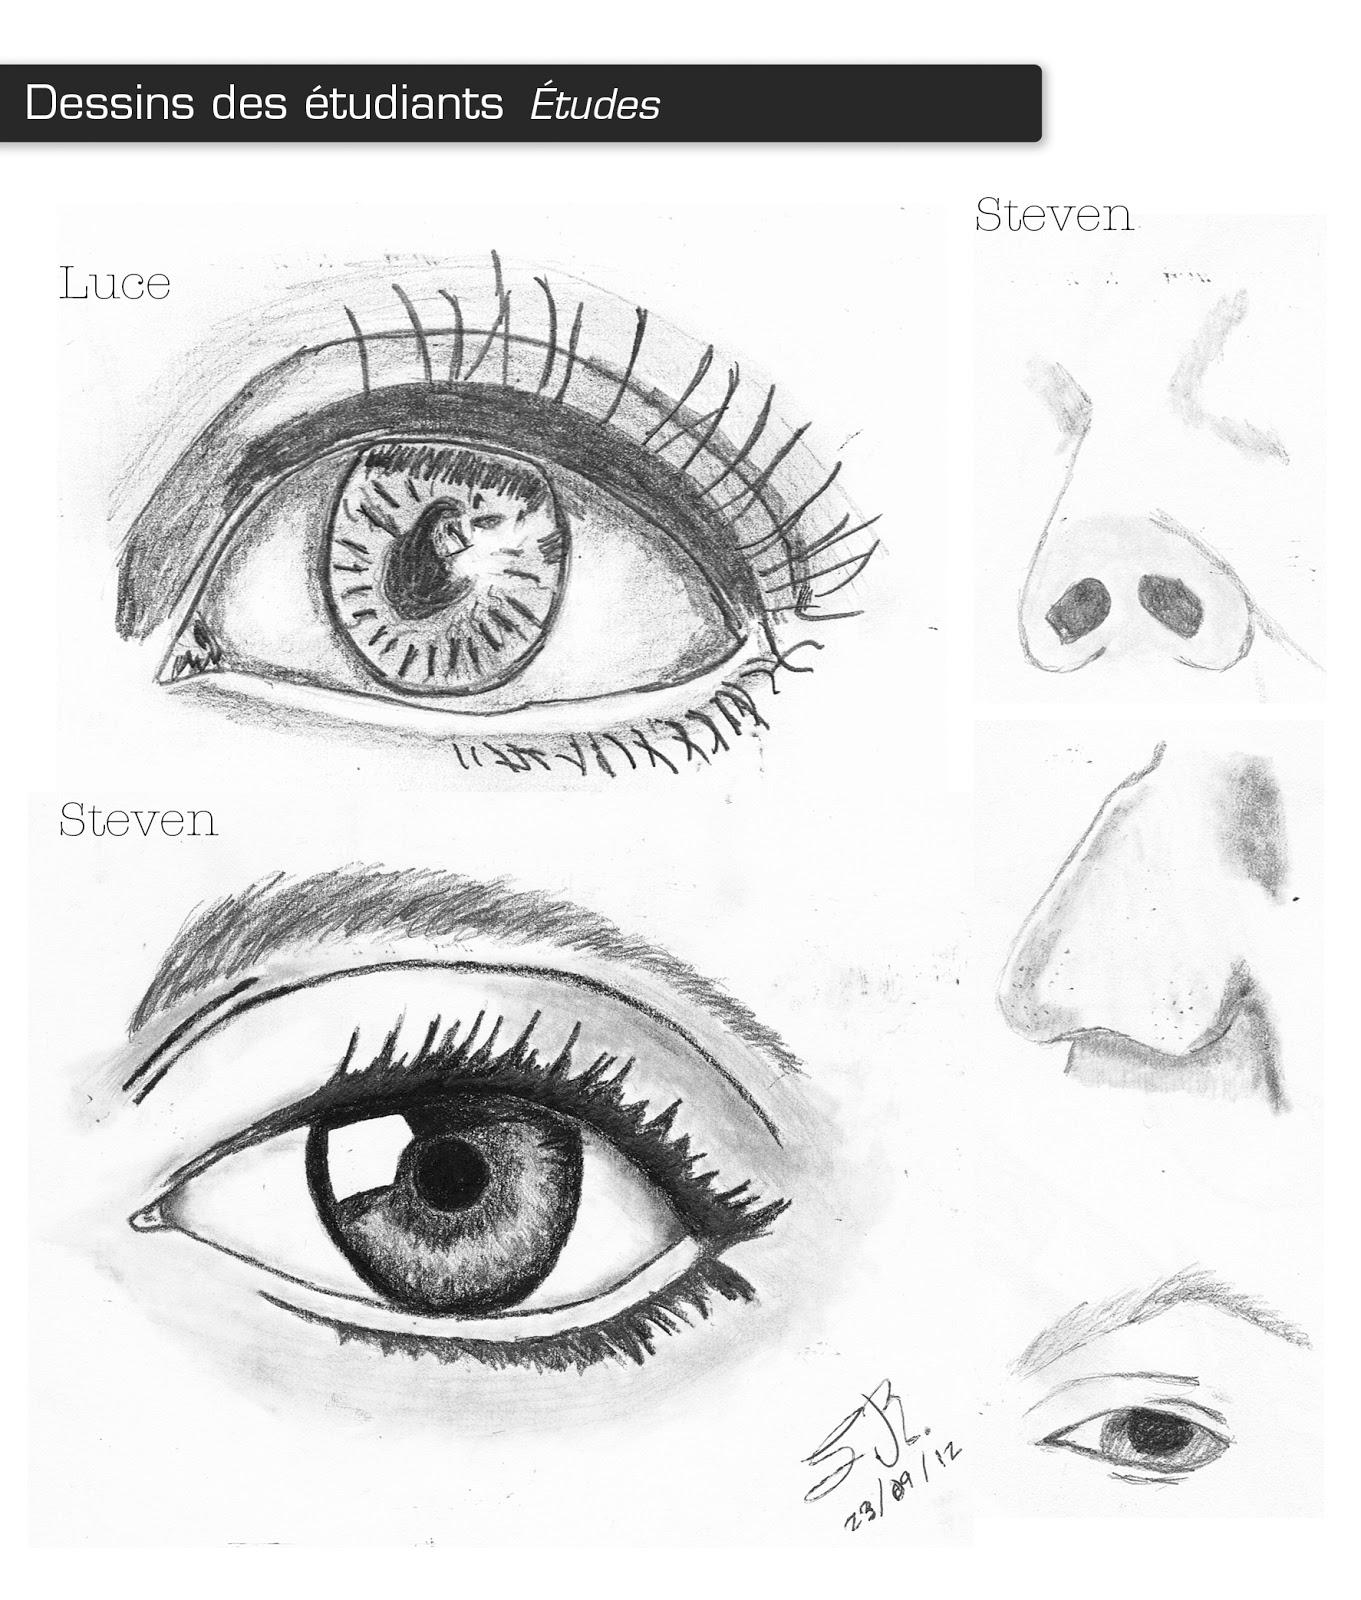 Extrem Le dessin - par Mélanie: Études pour le visage - Dessins des étudiants XW69